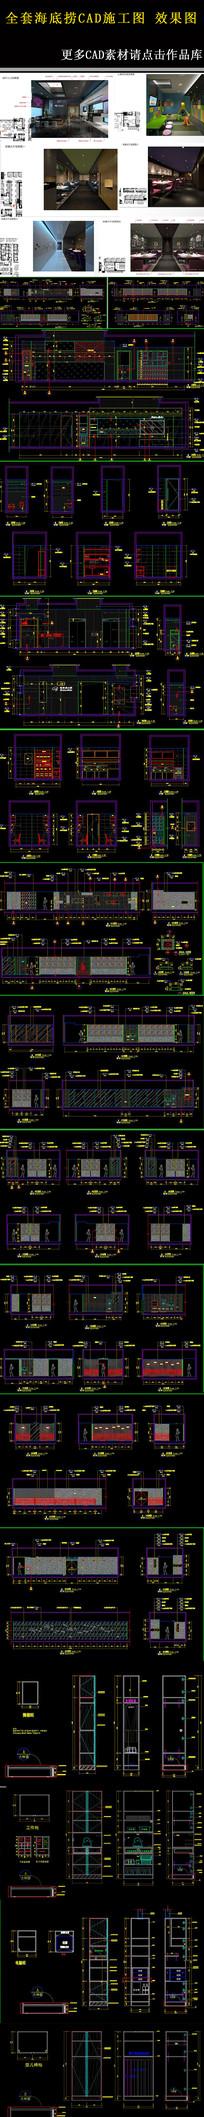 海底捞火锅餐厅CAD施工图 效果图